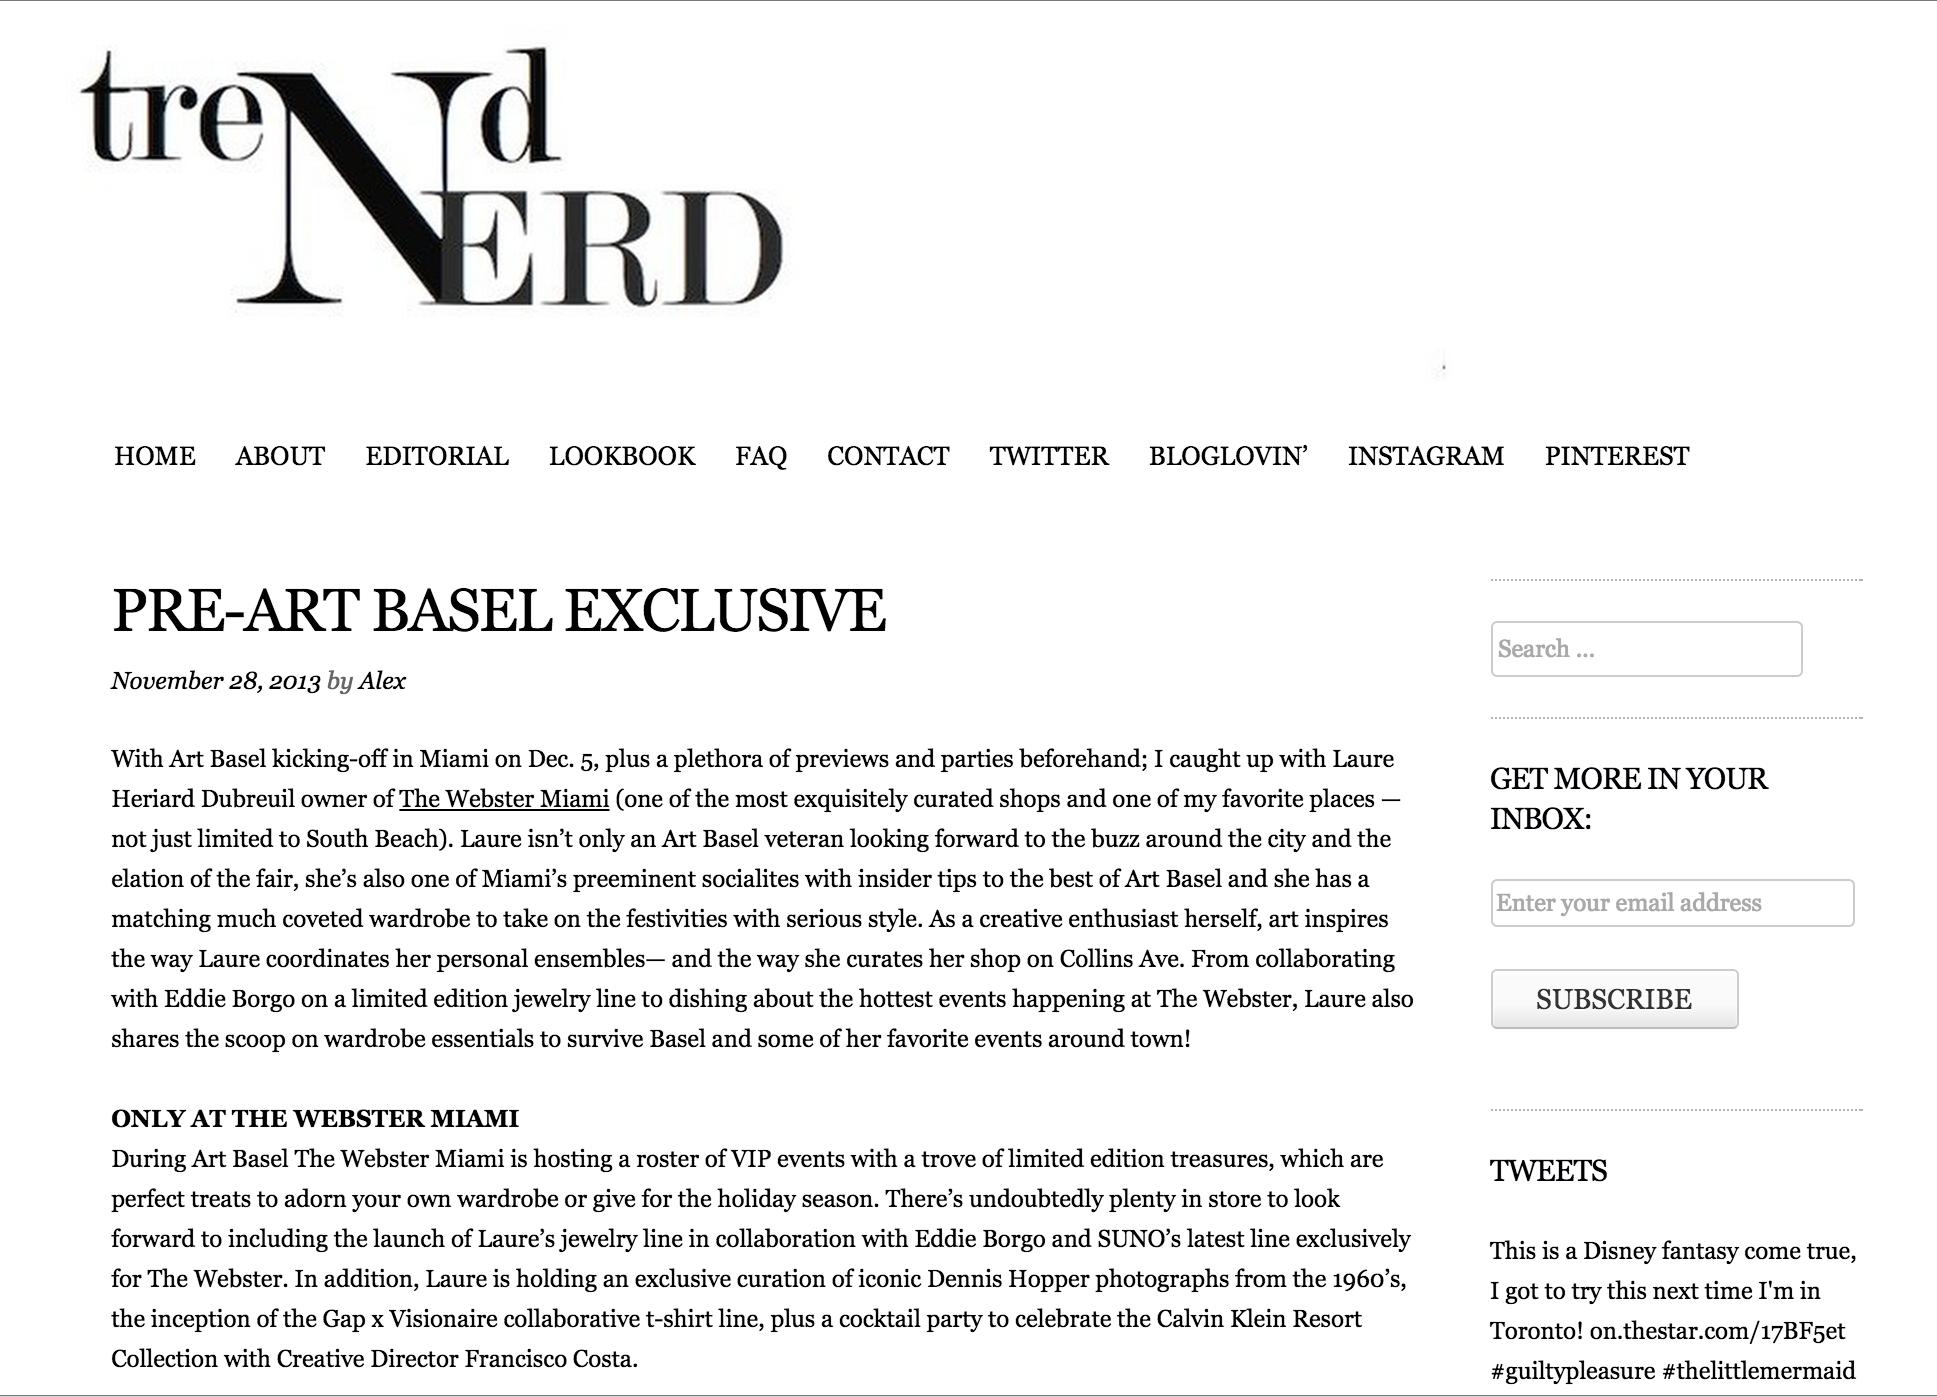 Trend Nerd, 2013 (1/3)